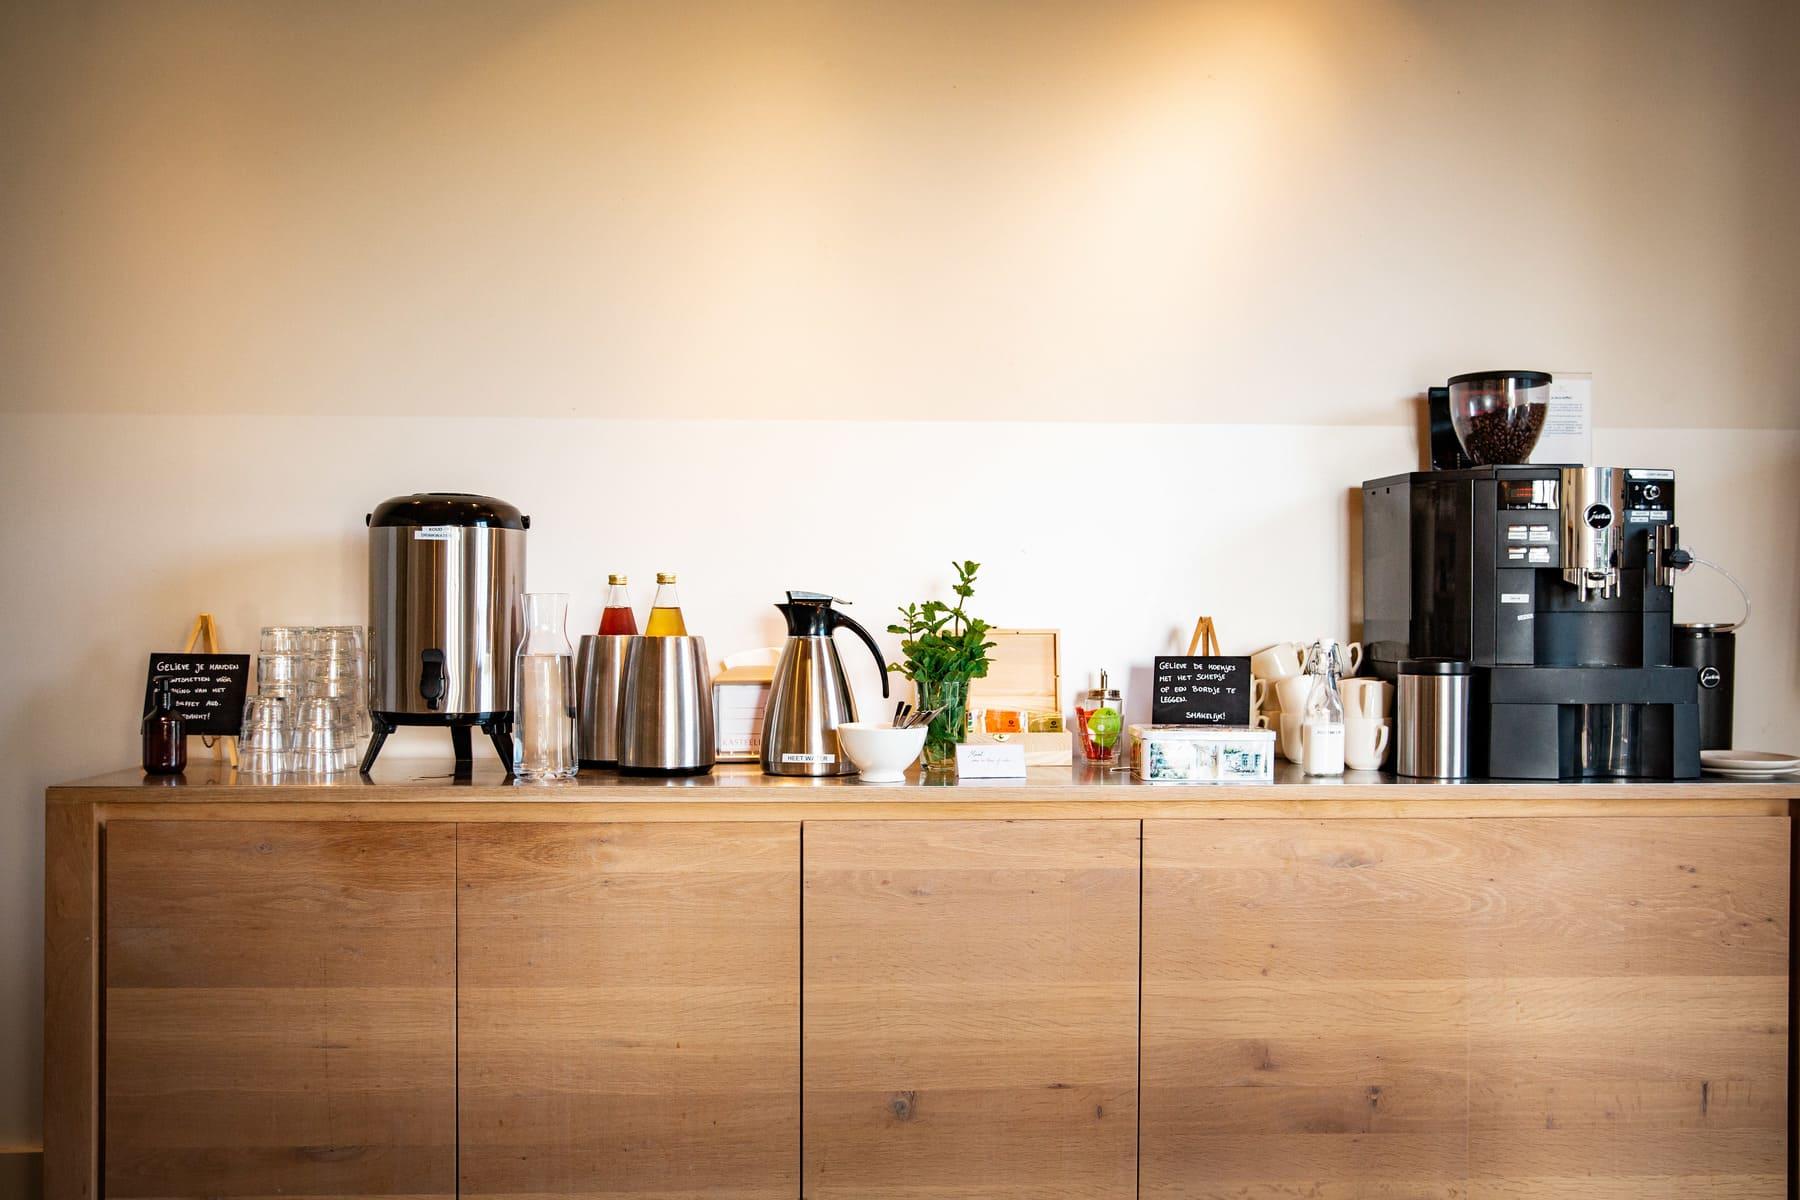 Kasteelhoeve Wange ontbijt koffie koffiepauze bedrijven & organisaties formules vergaderruimtes teambuilding faciliteiten Landen